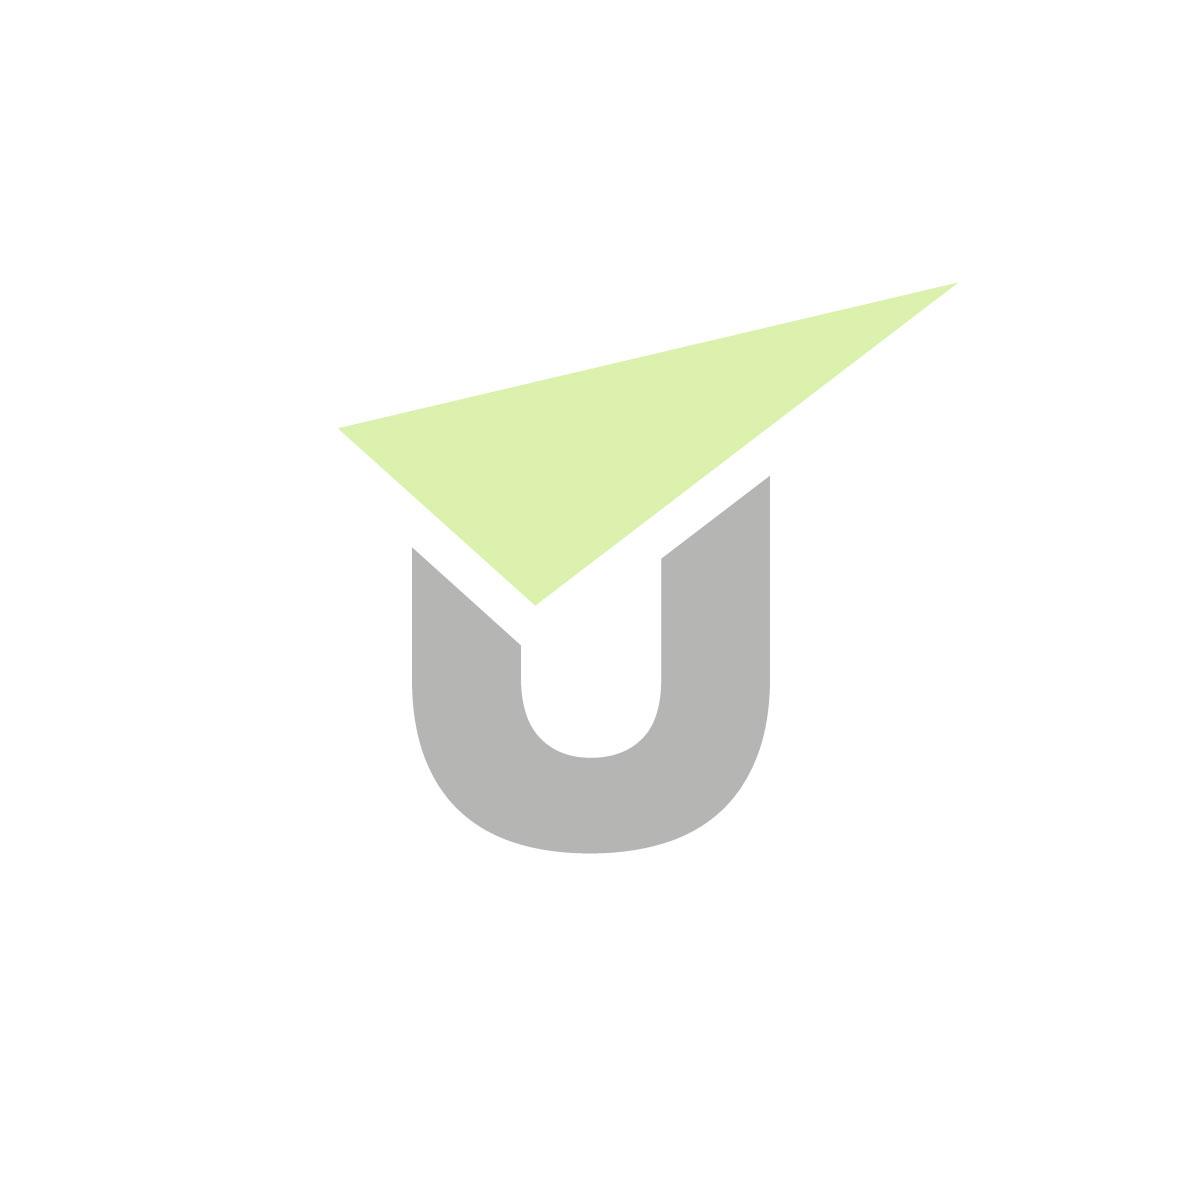 LALALOOM - Mesa multiusos JUNGLE DRUM de madera con silla como producto recomendado